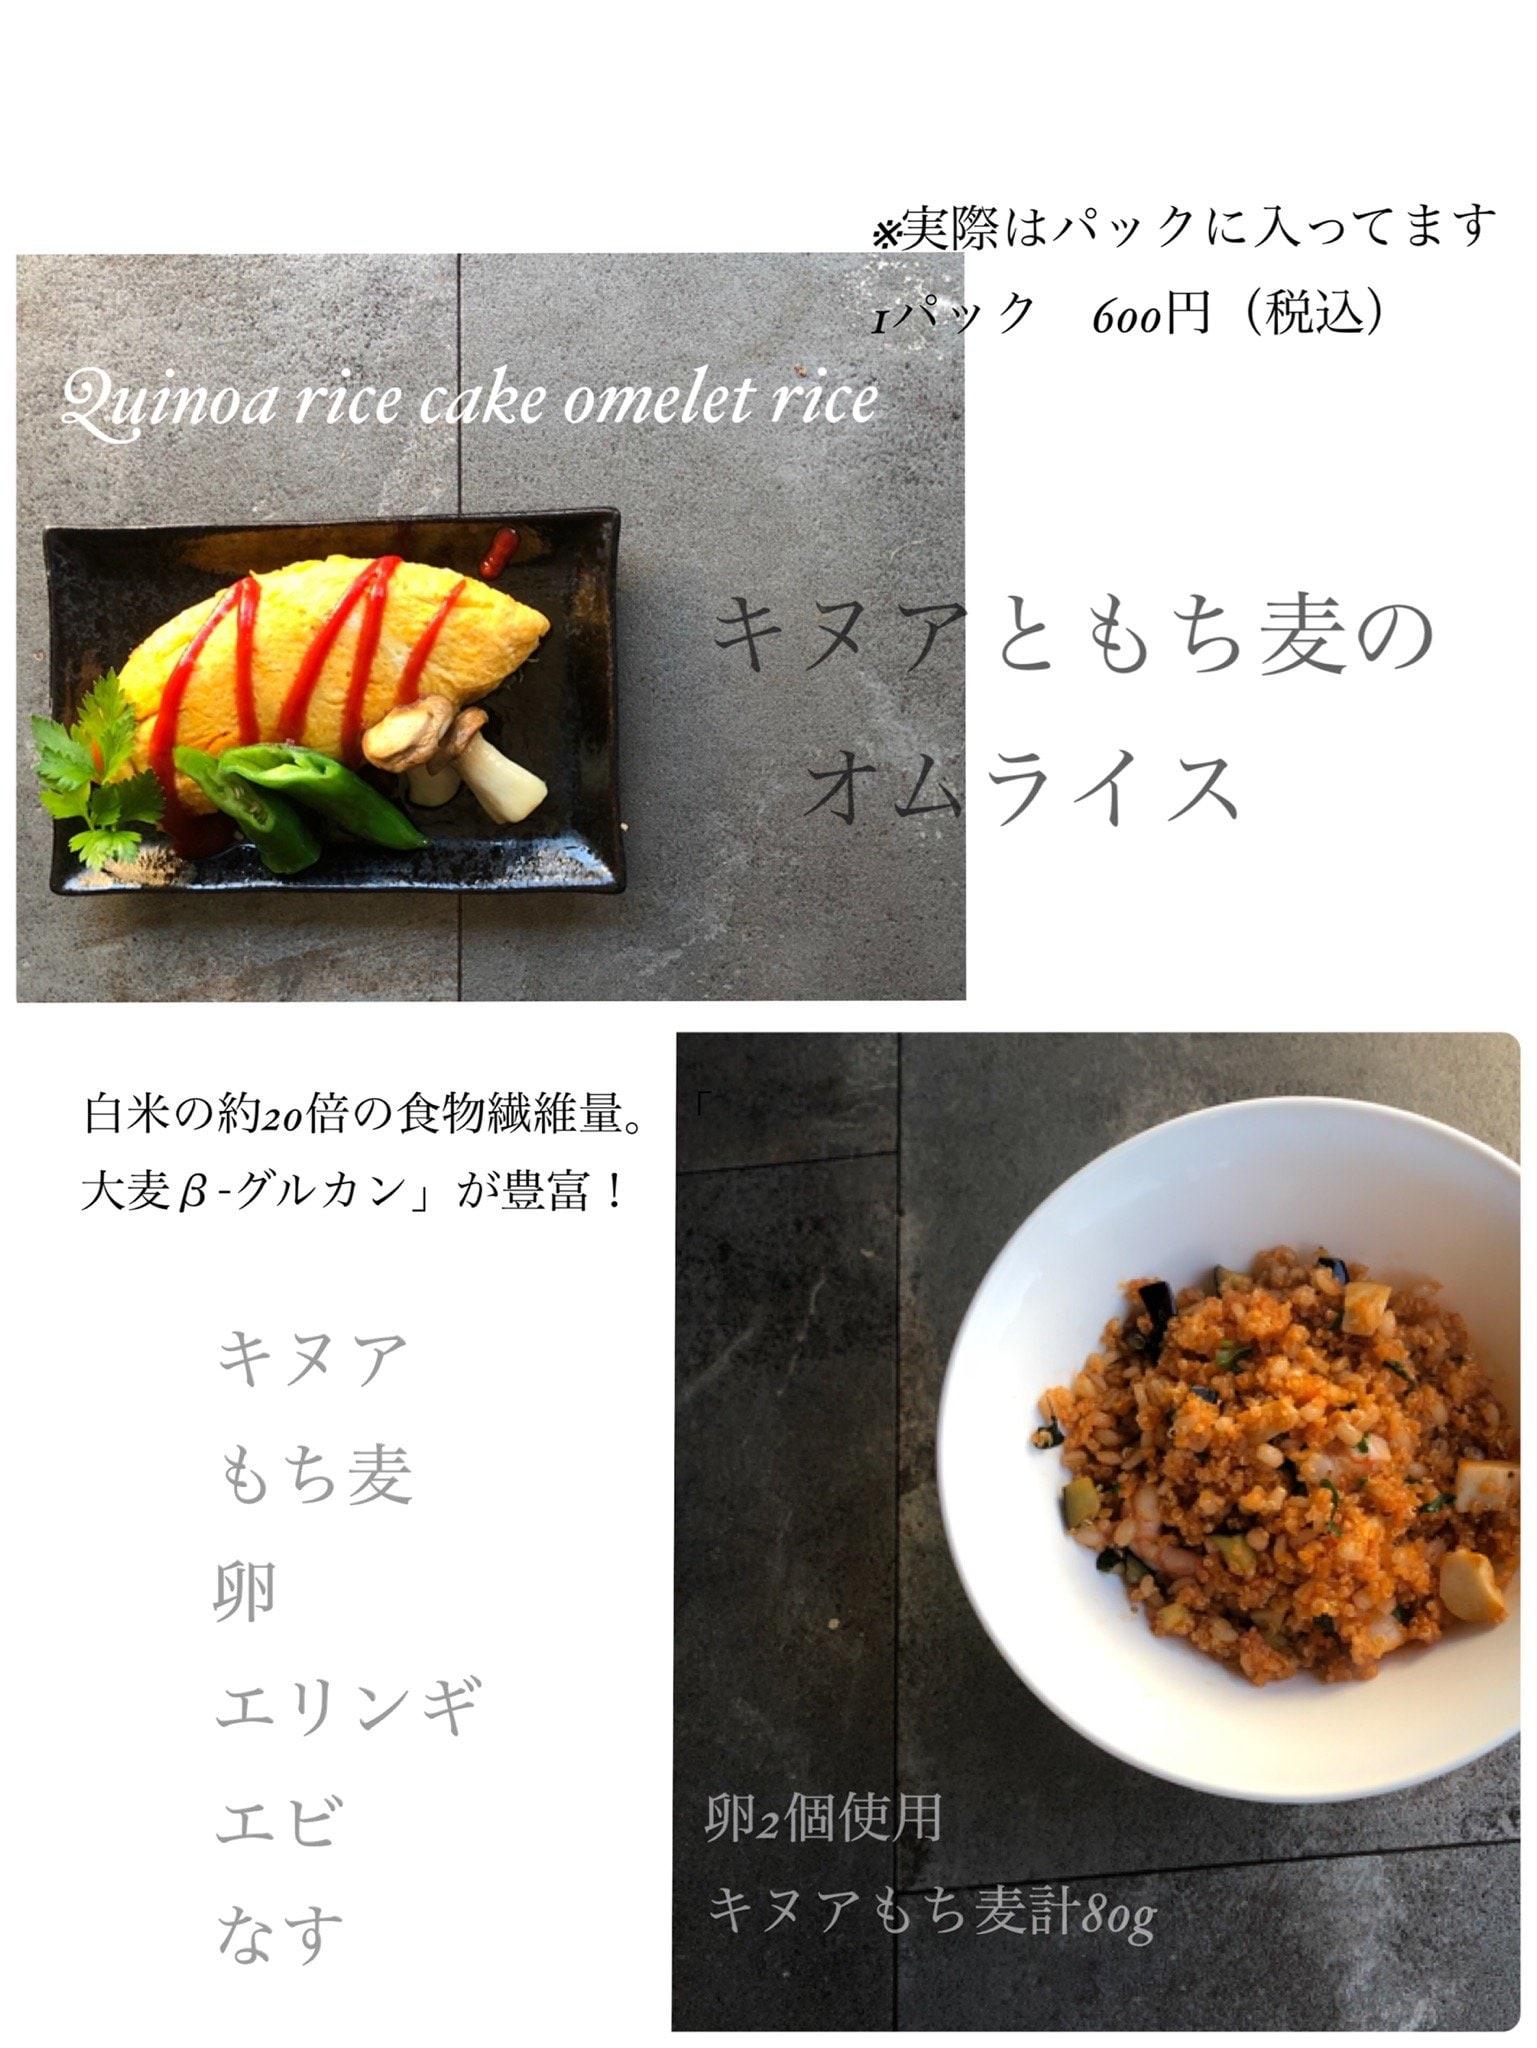 キヌアともち麦のオムライス/キヌア・もち麦80g使用/quinoa salad/ノーポーク/ノーアルコール/岐阜サラダ/デリバリー/テイクアウトのイメージその1